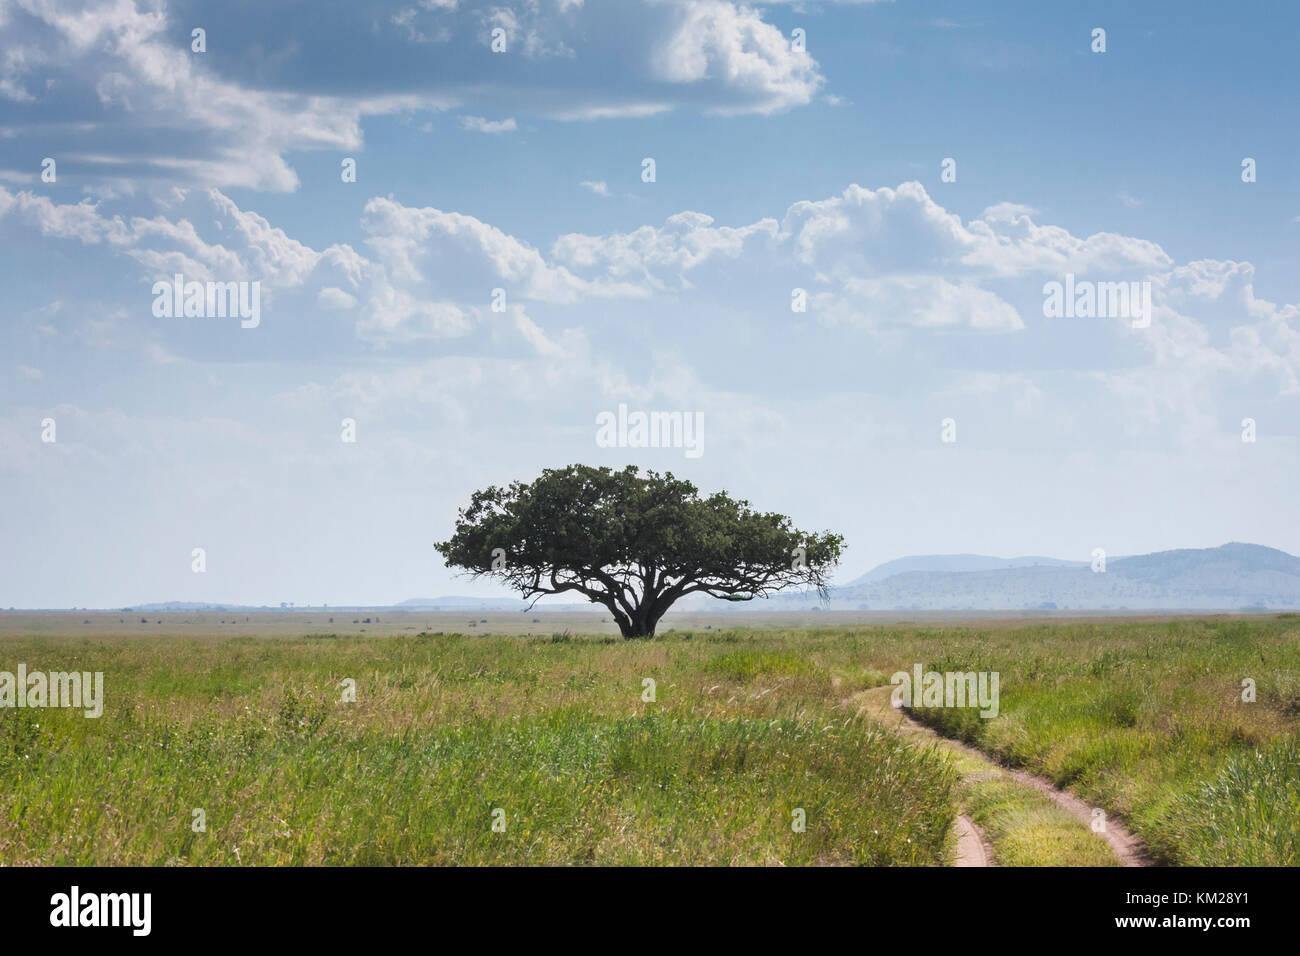 Acacia contra un cielo nublado en el Serengeti, Tanzania, África Foto de stock